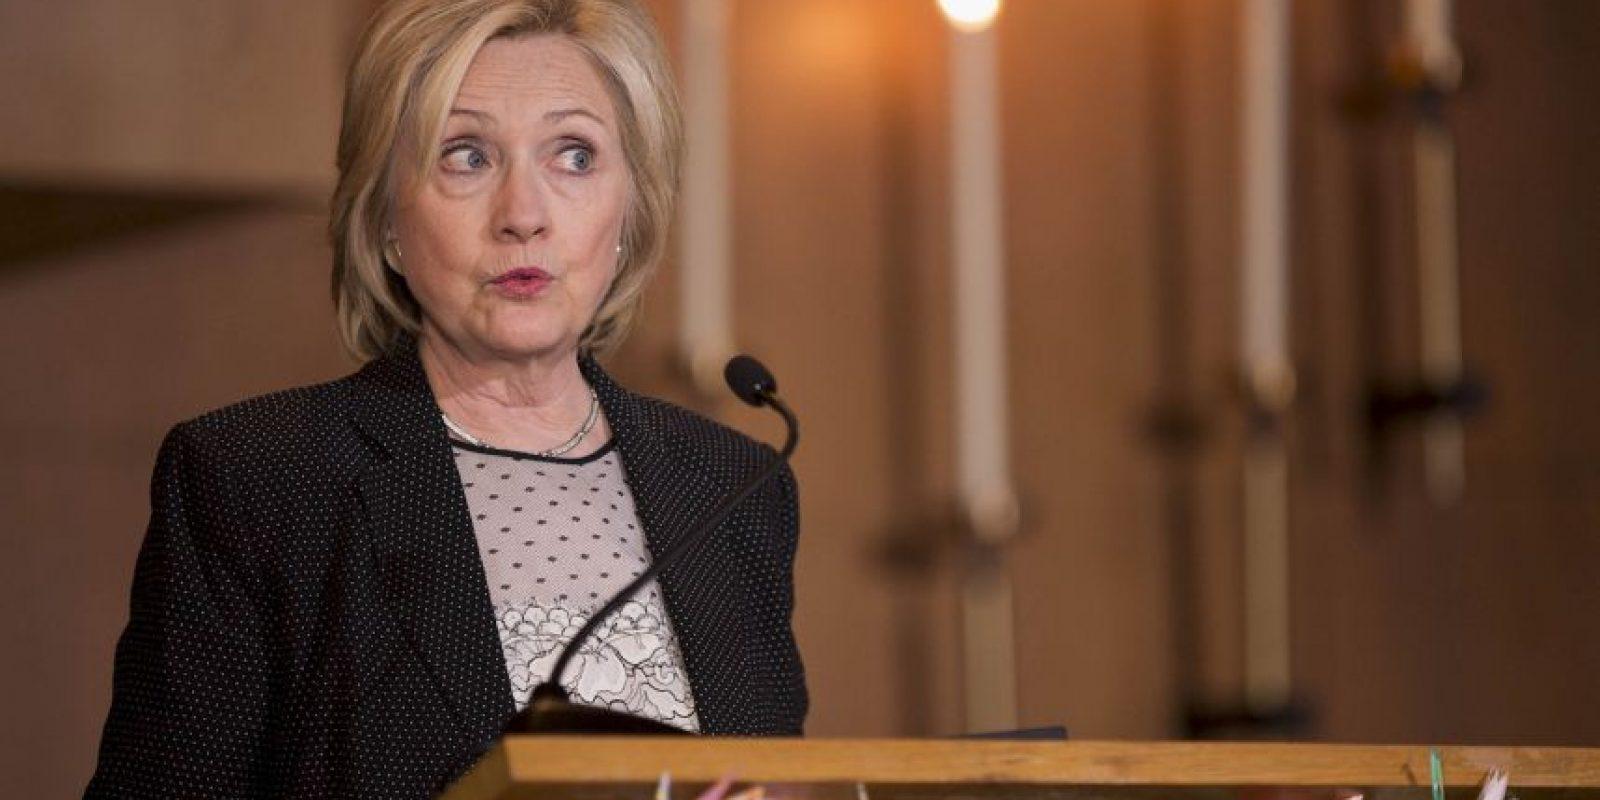 La precandidata del Partido Demócrata, en repetidas ocasiones ha asegurado que no envió ni recibió información clasificada. Foto:Getty Images